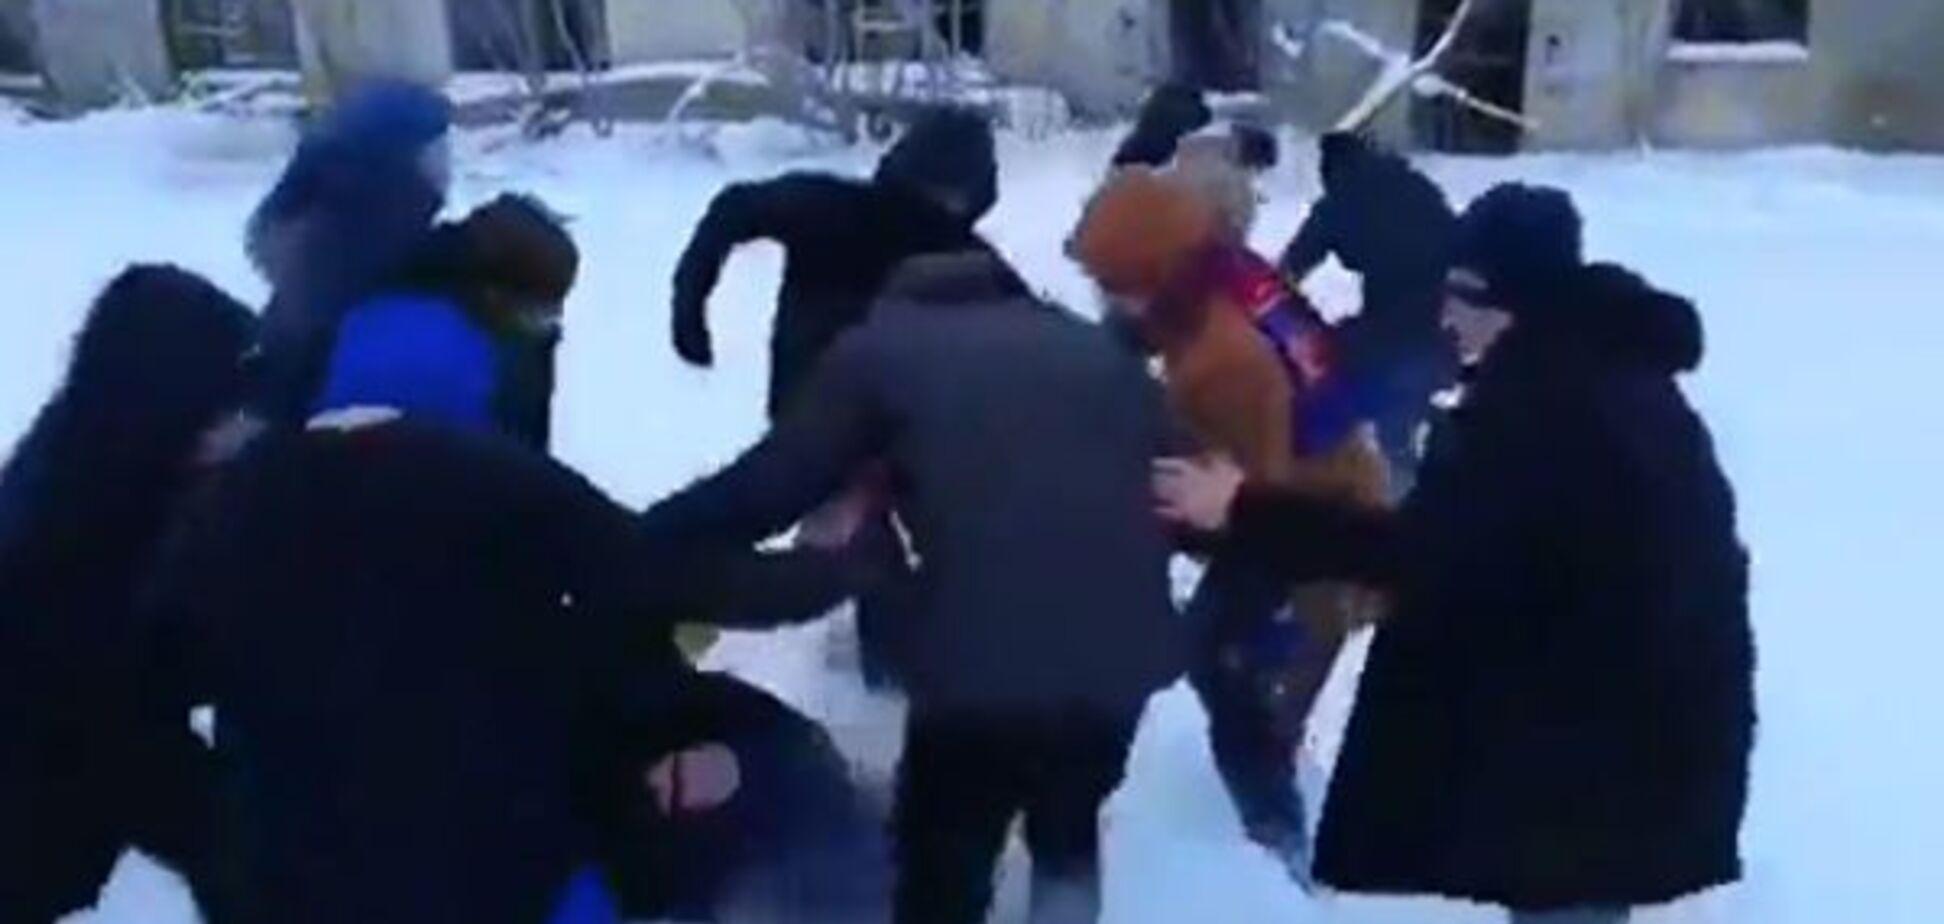 ''Умрите, мр*зи!'' В России толпа по-зверски избила трех подростков. Жесткие кадры